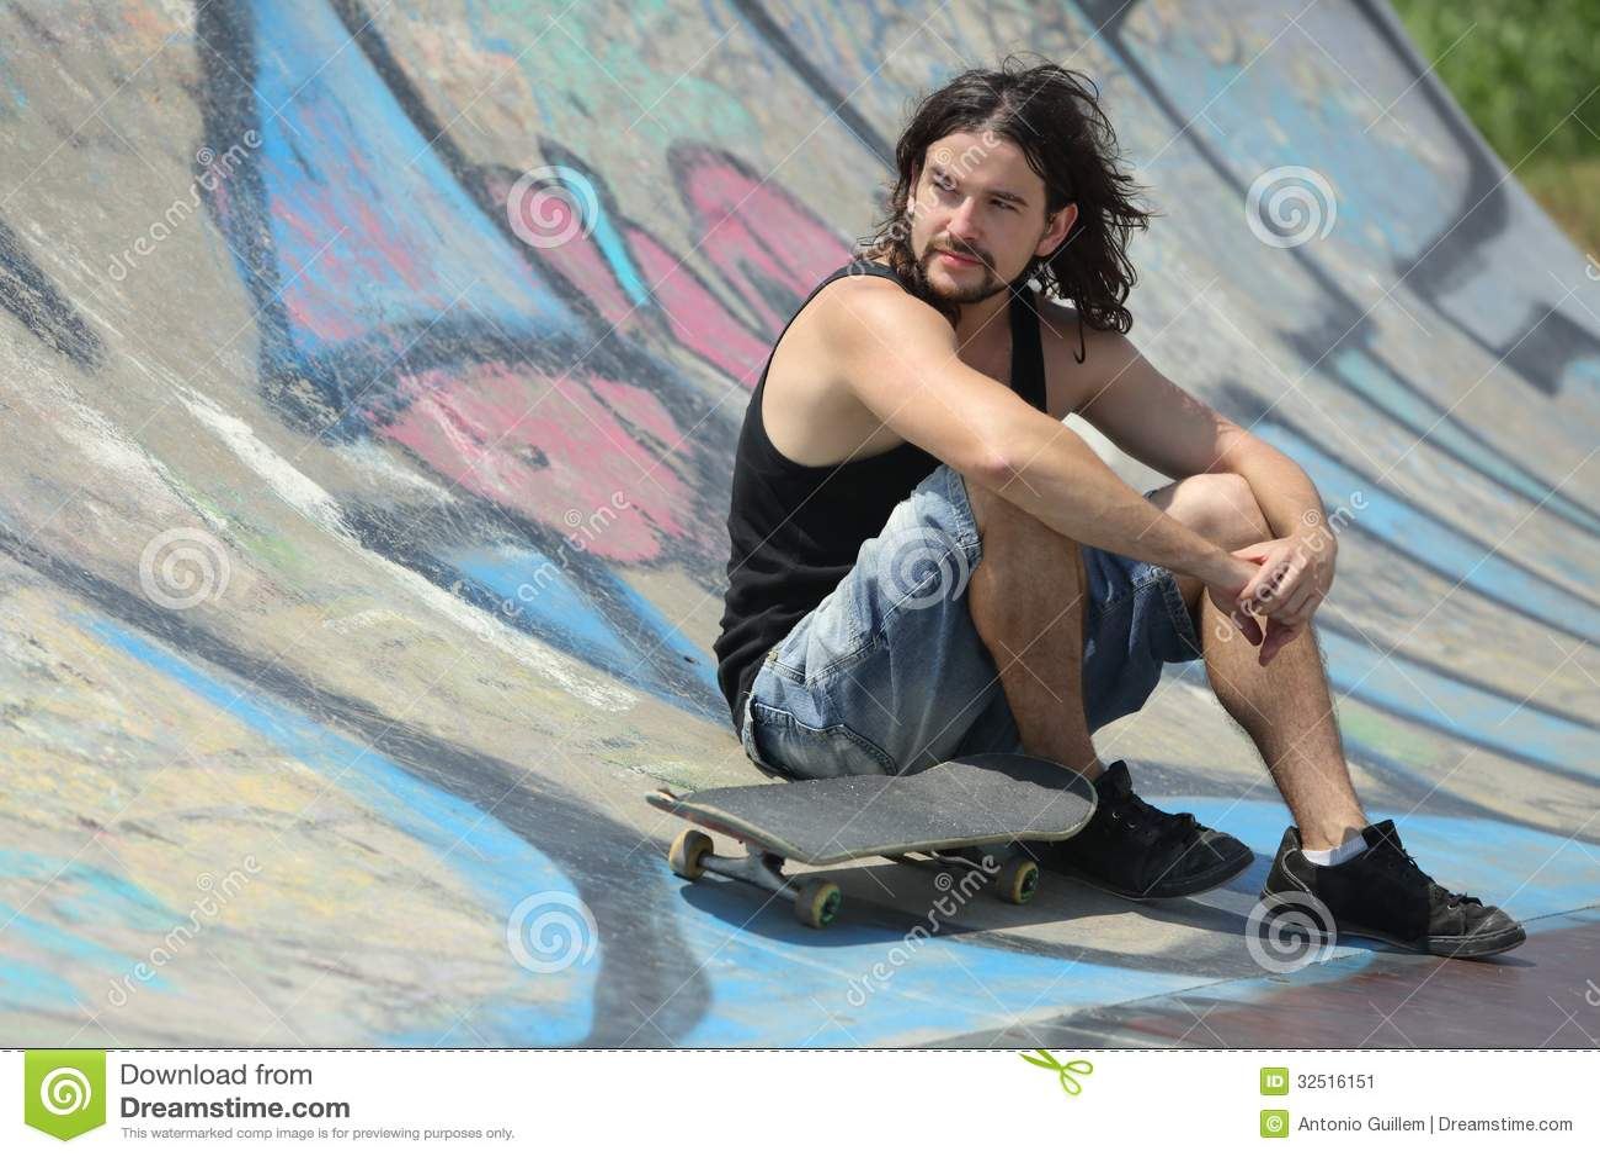 男孩与滑板坐一个半管子